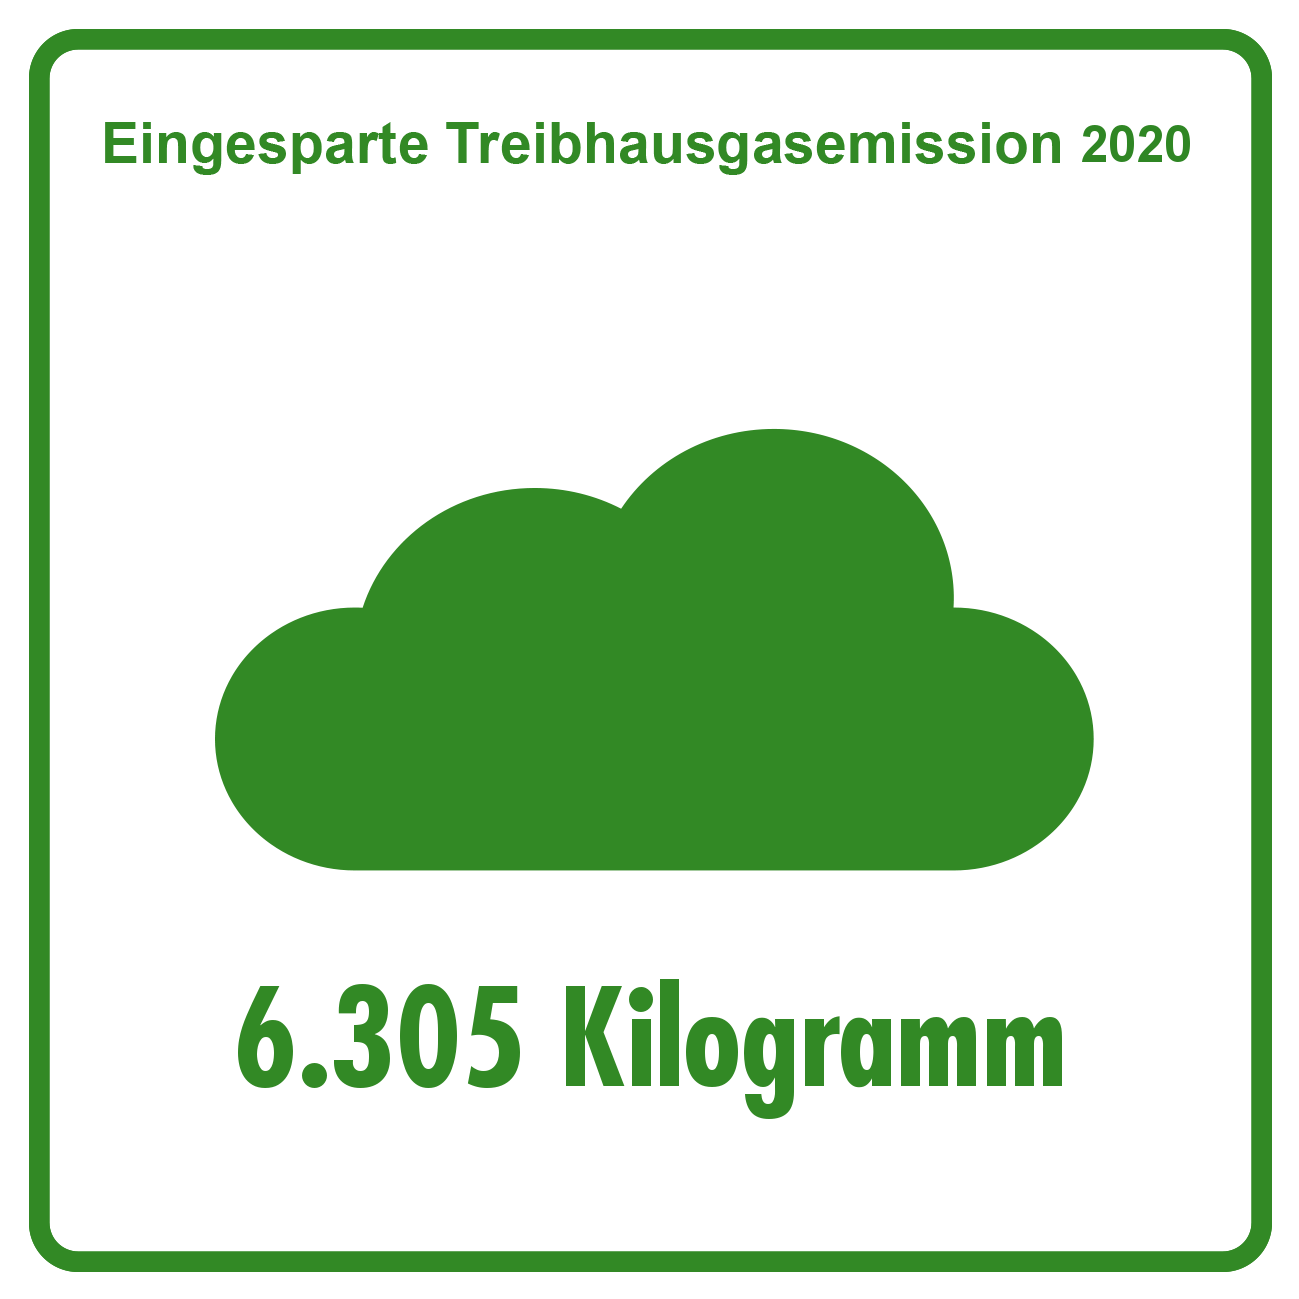 2020 Eingesparte Treibhausgasemissionen